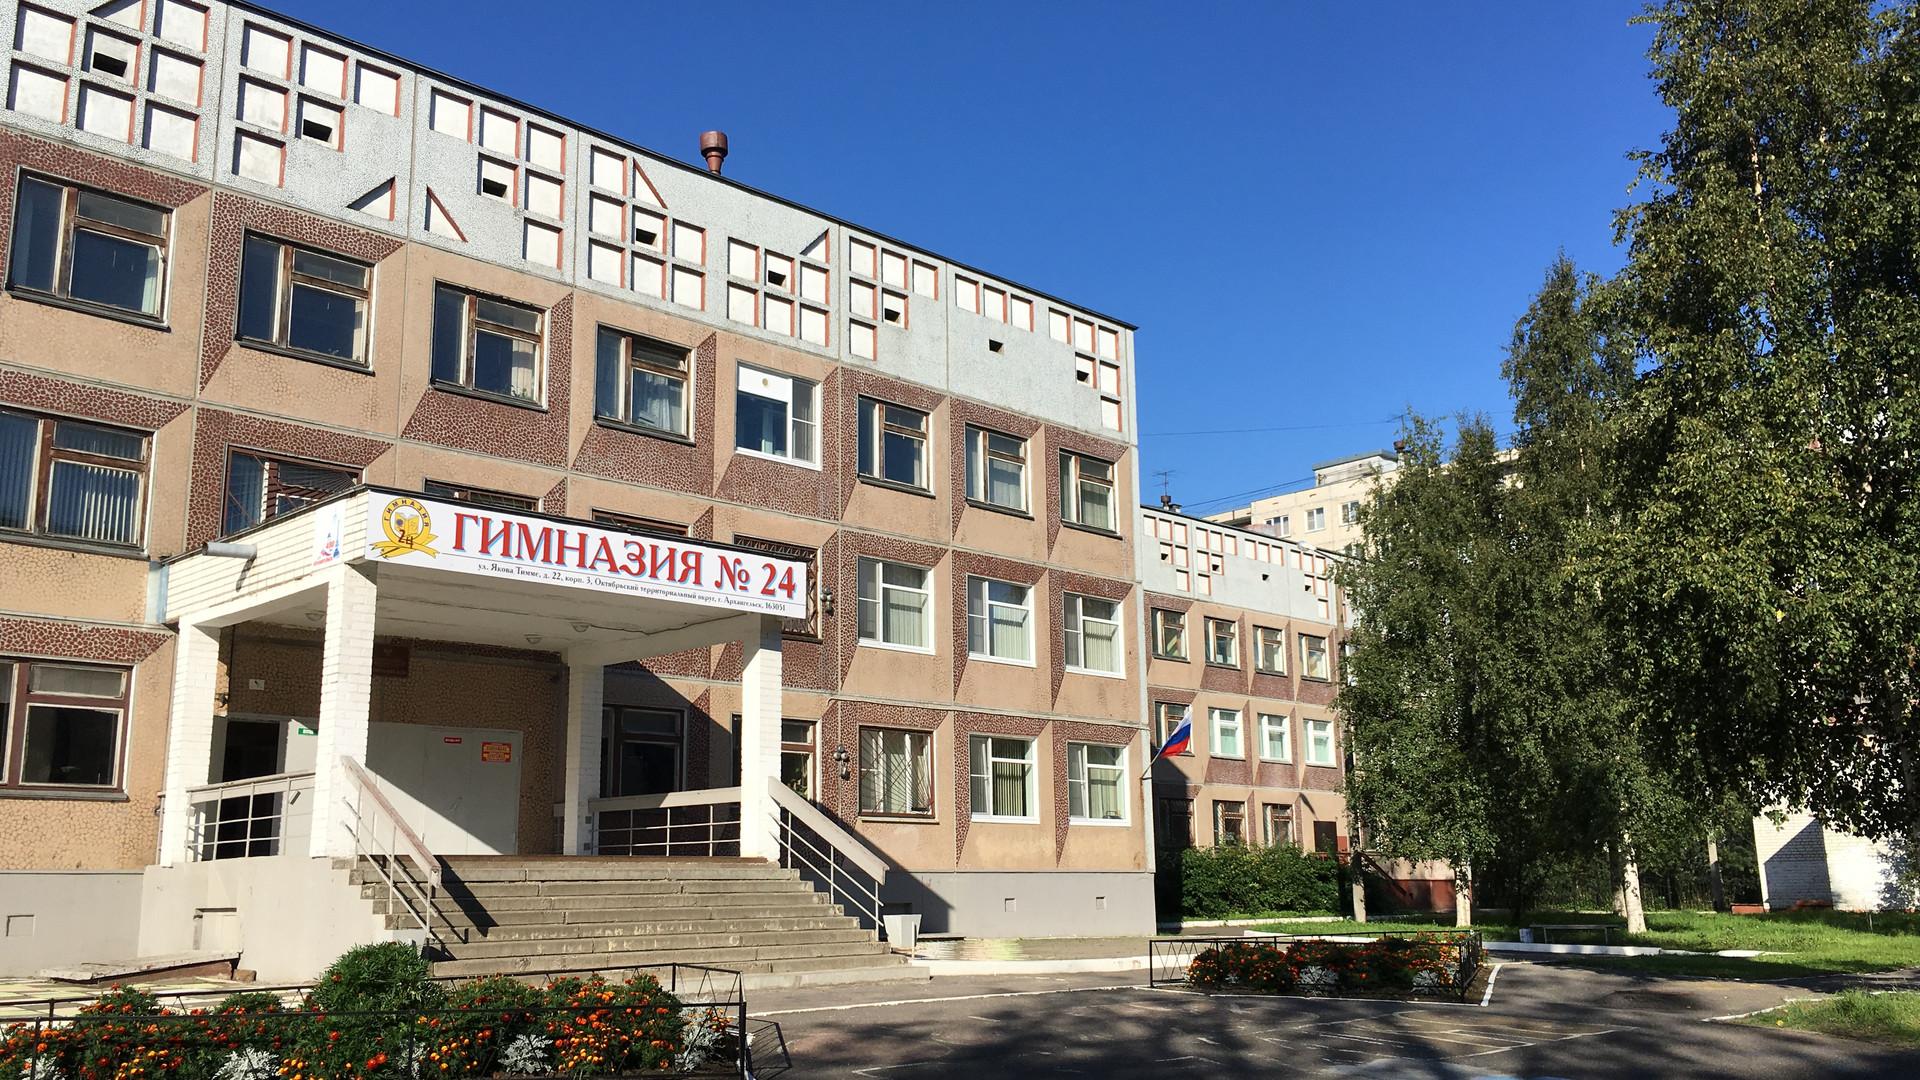 School 24